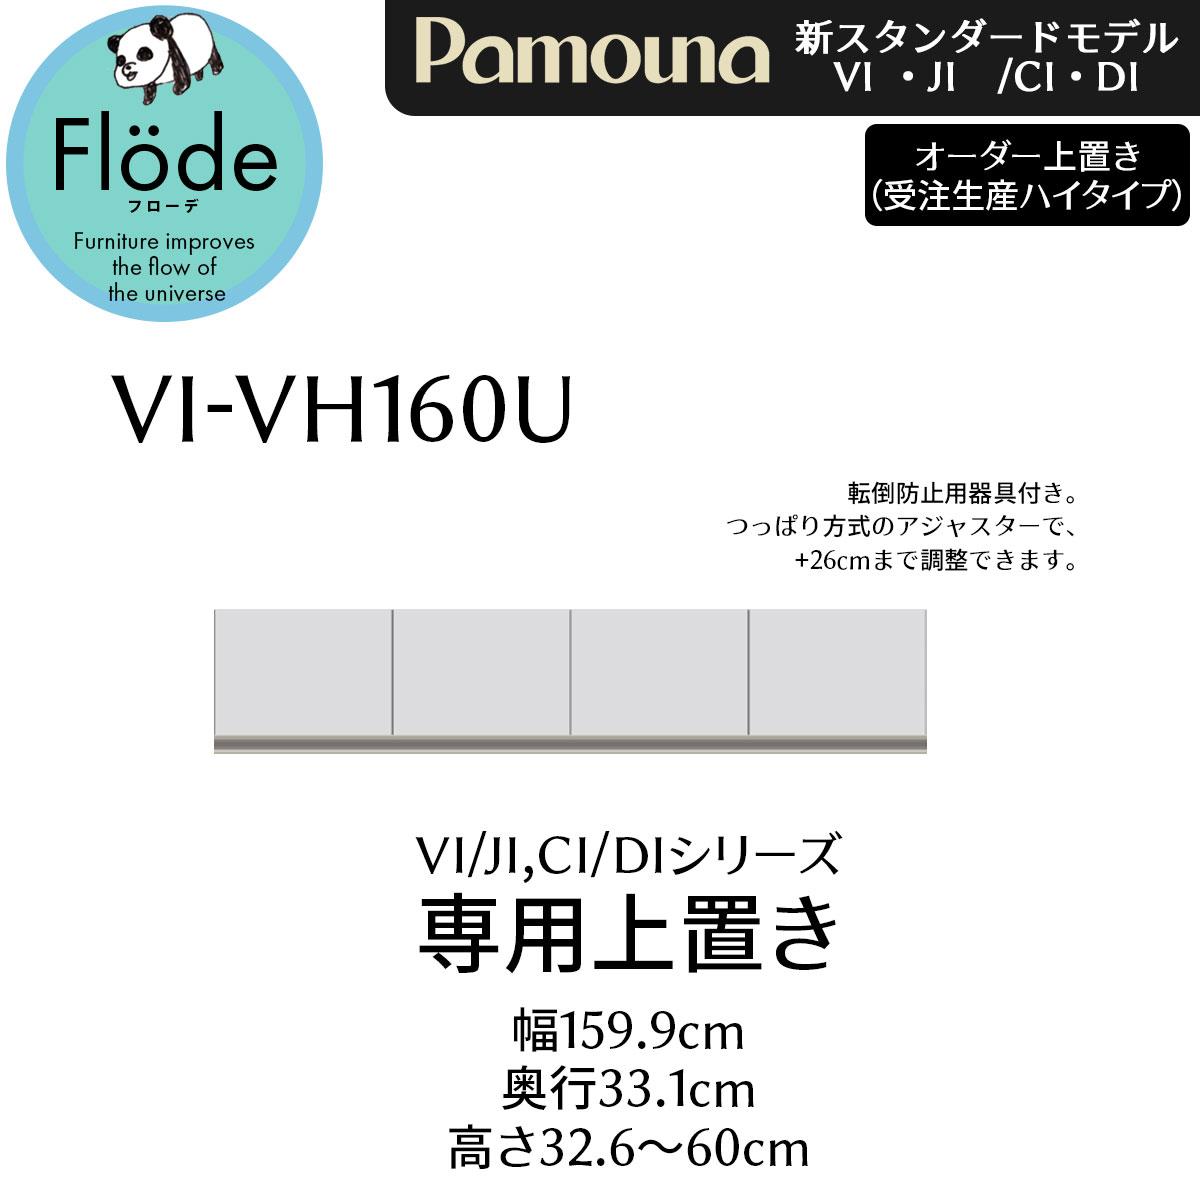 パモウナ 高さ オーダー上置 (食器棚VI/JI CI/DI用) 【幅159.8×高さ32.6-60cm】 VI-VH160U